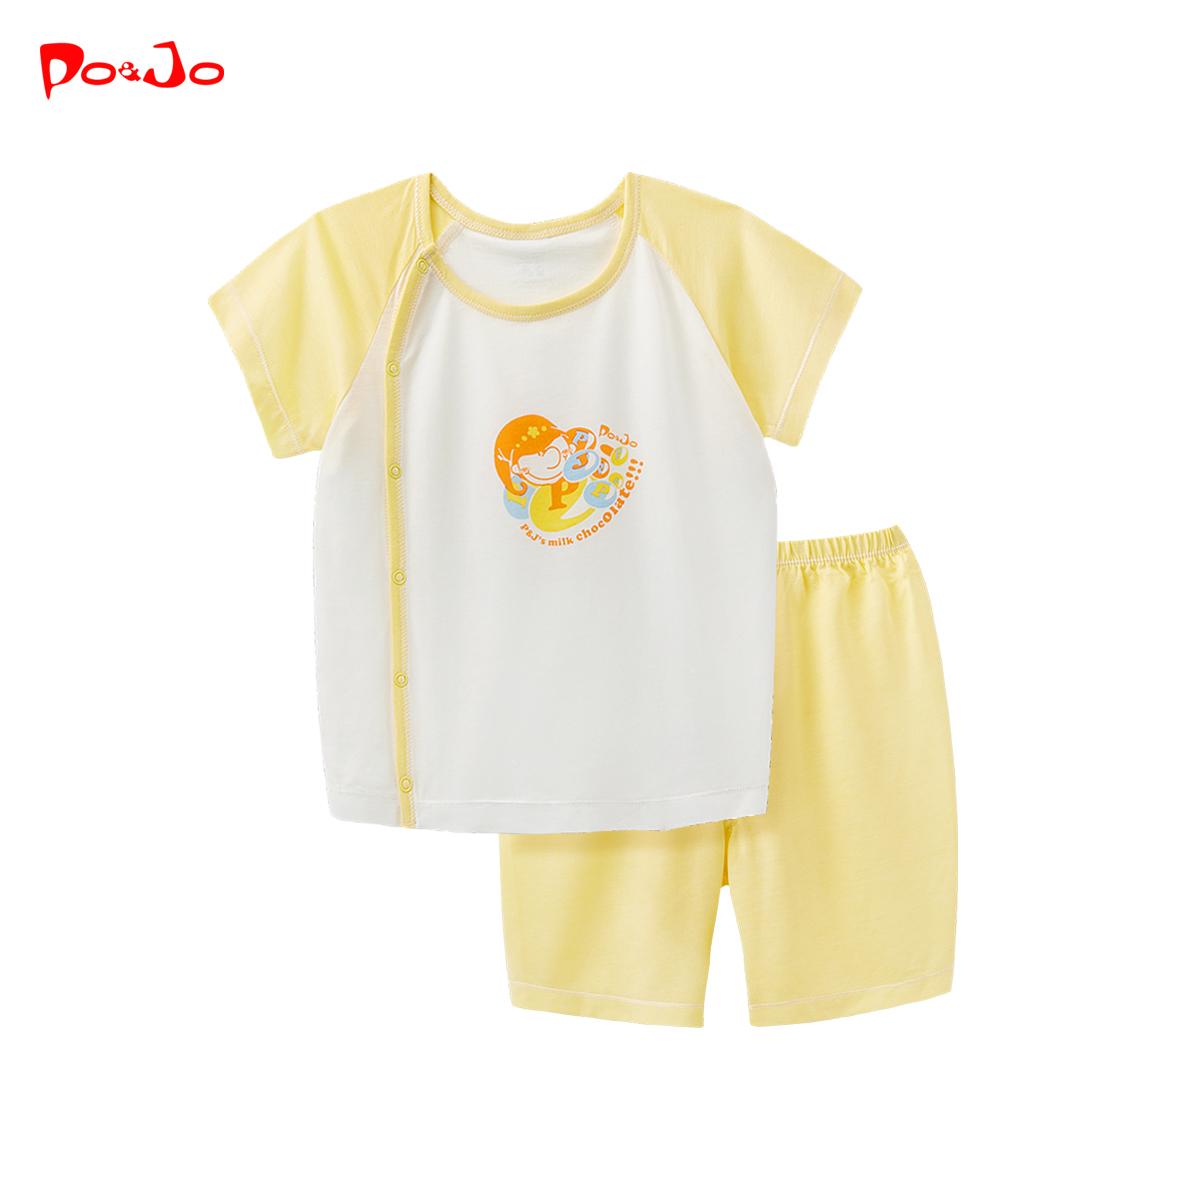 皮偌喬短袖套裝0夏季男童女童裝1嬰兒童衣服2寶寶夏裝短褲3歲夏款